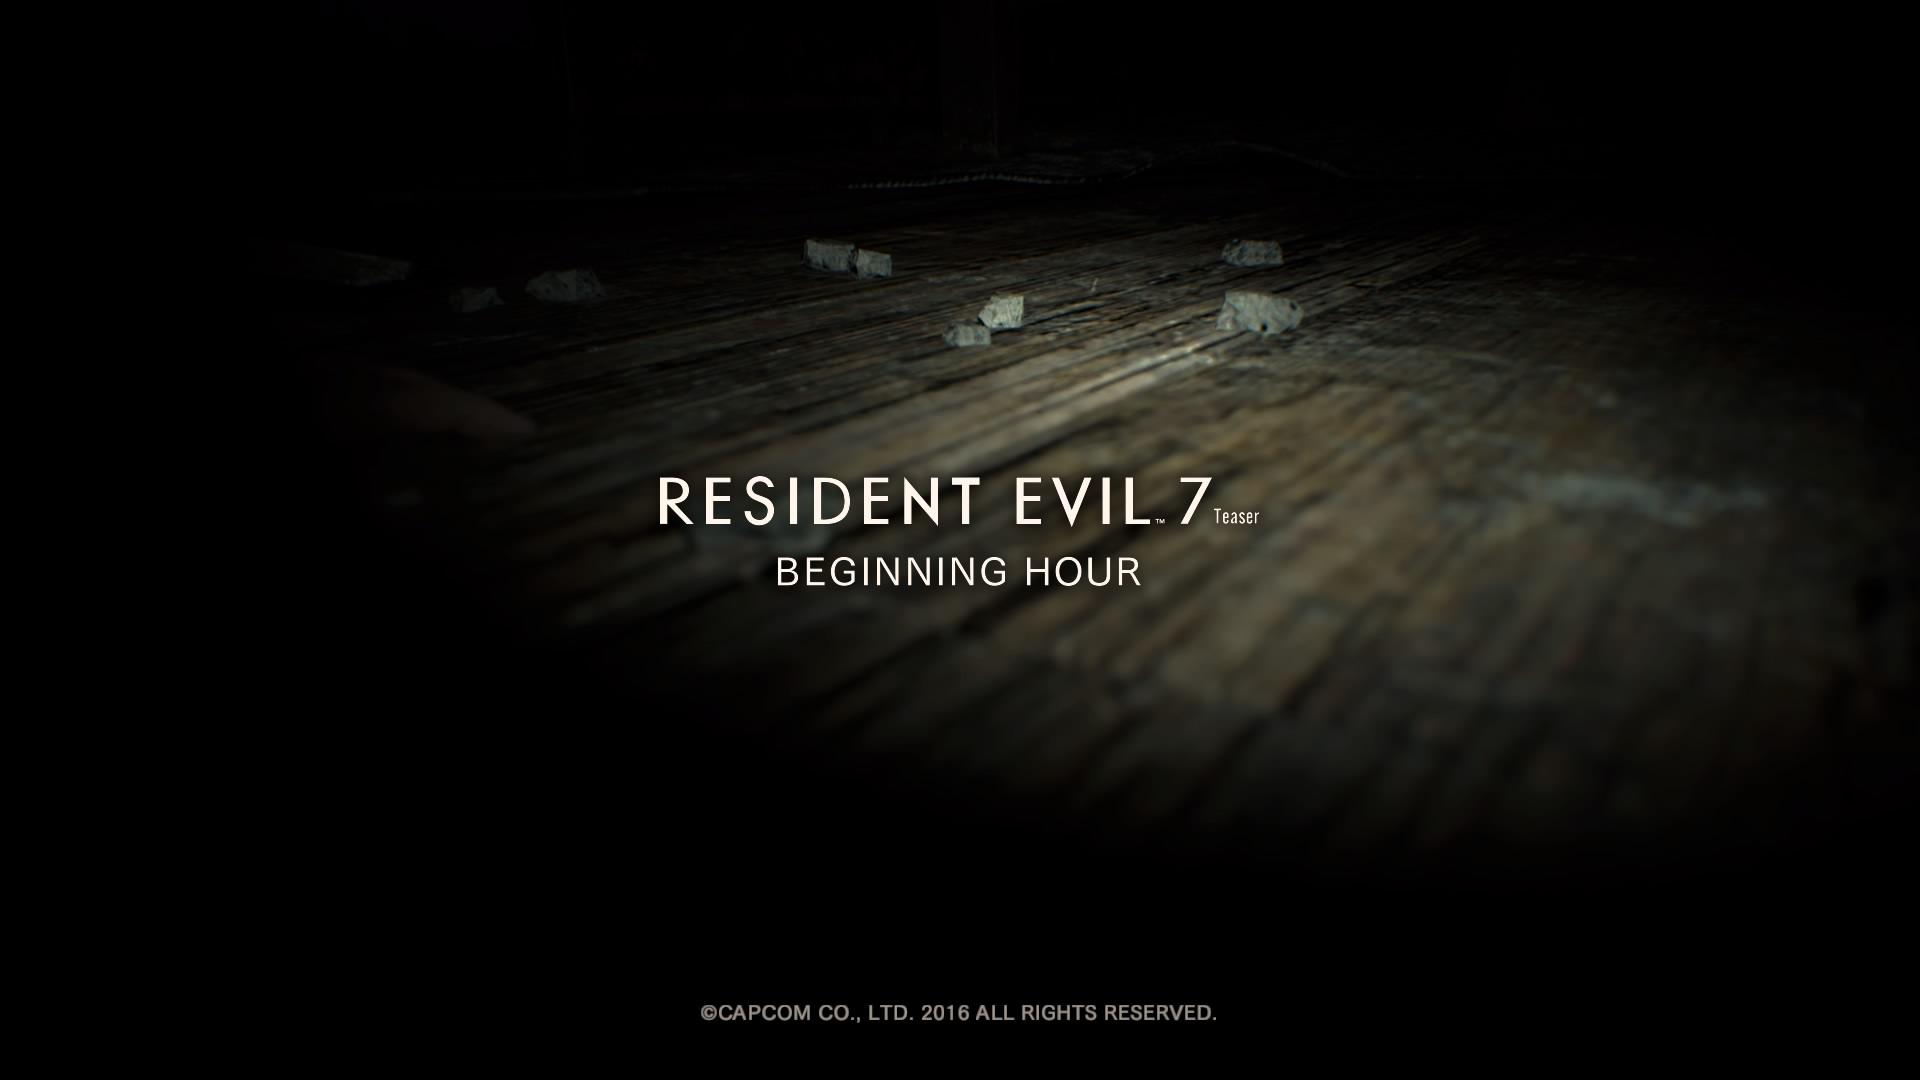 La demo di Resident Evil 7 si aggiorna con nuovi contenuti